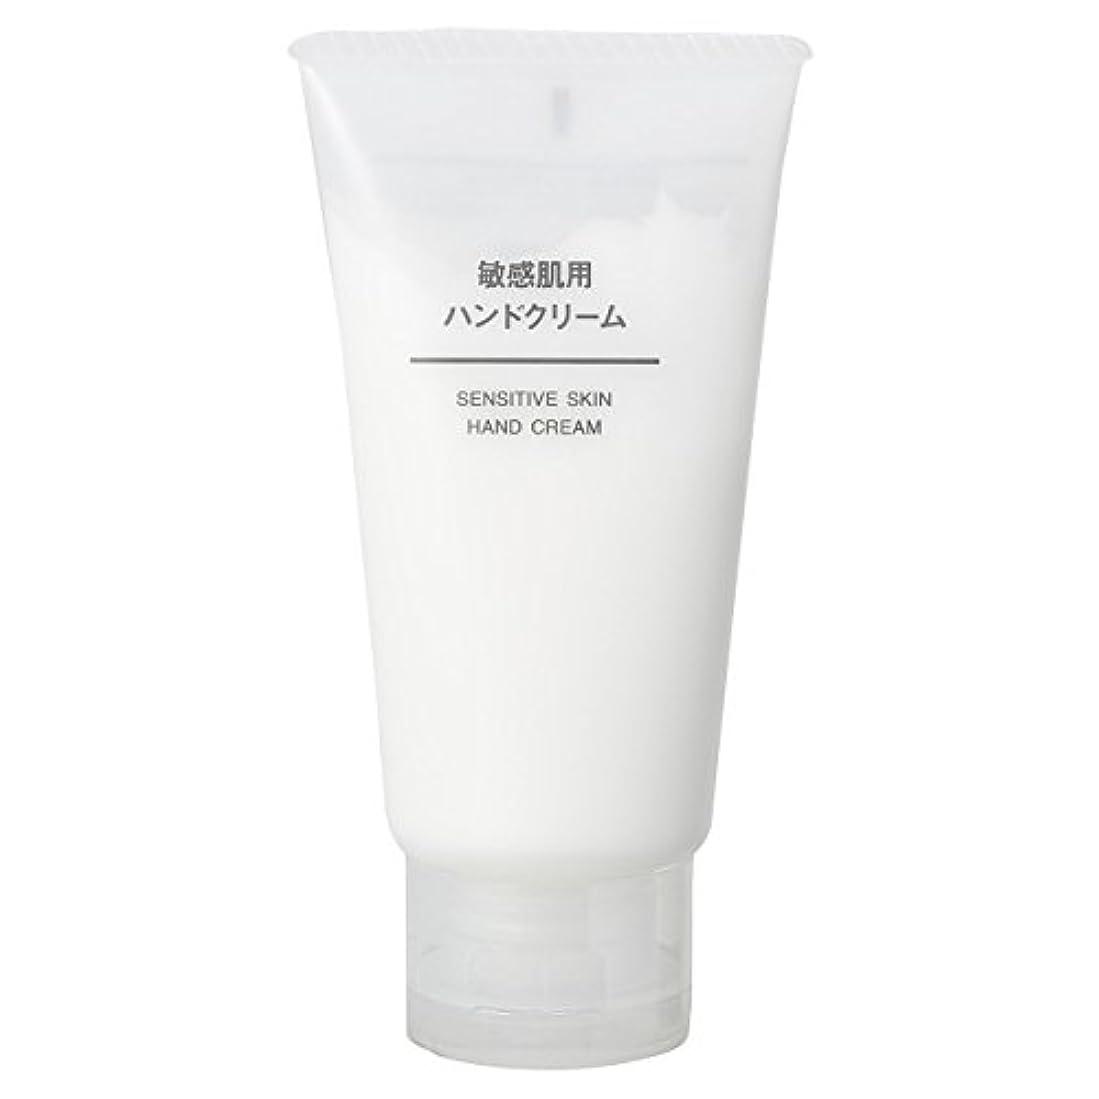 パシフィックインストラクターメタルライン無印良品 敏感肌用 ハンドクリーム 50g 日本製